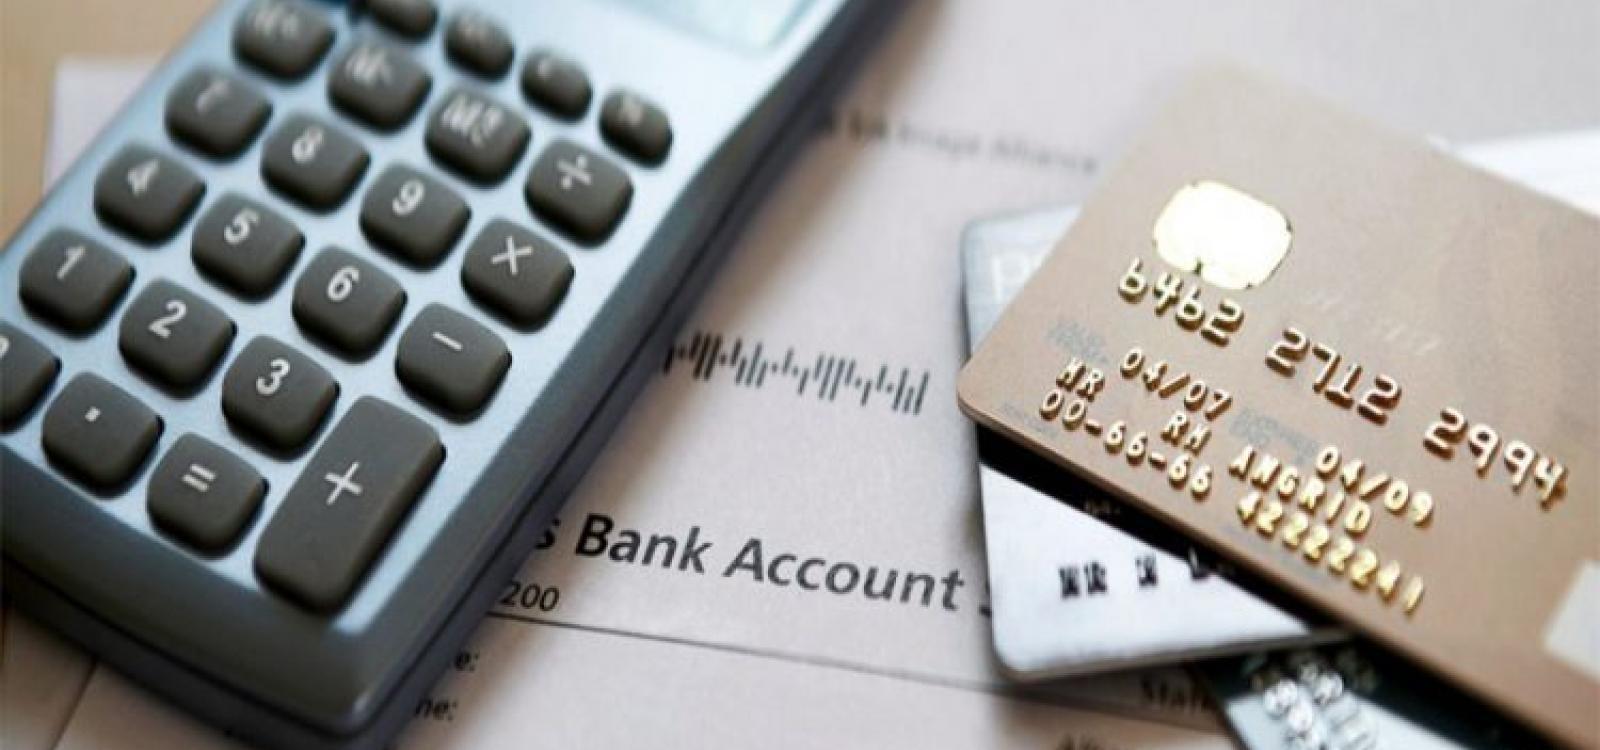 5 recomendaciones para crear un perfil crediticio positivo | MYPES.pe